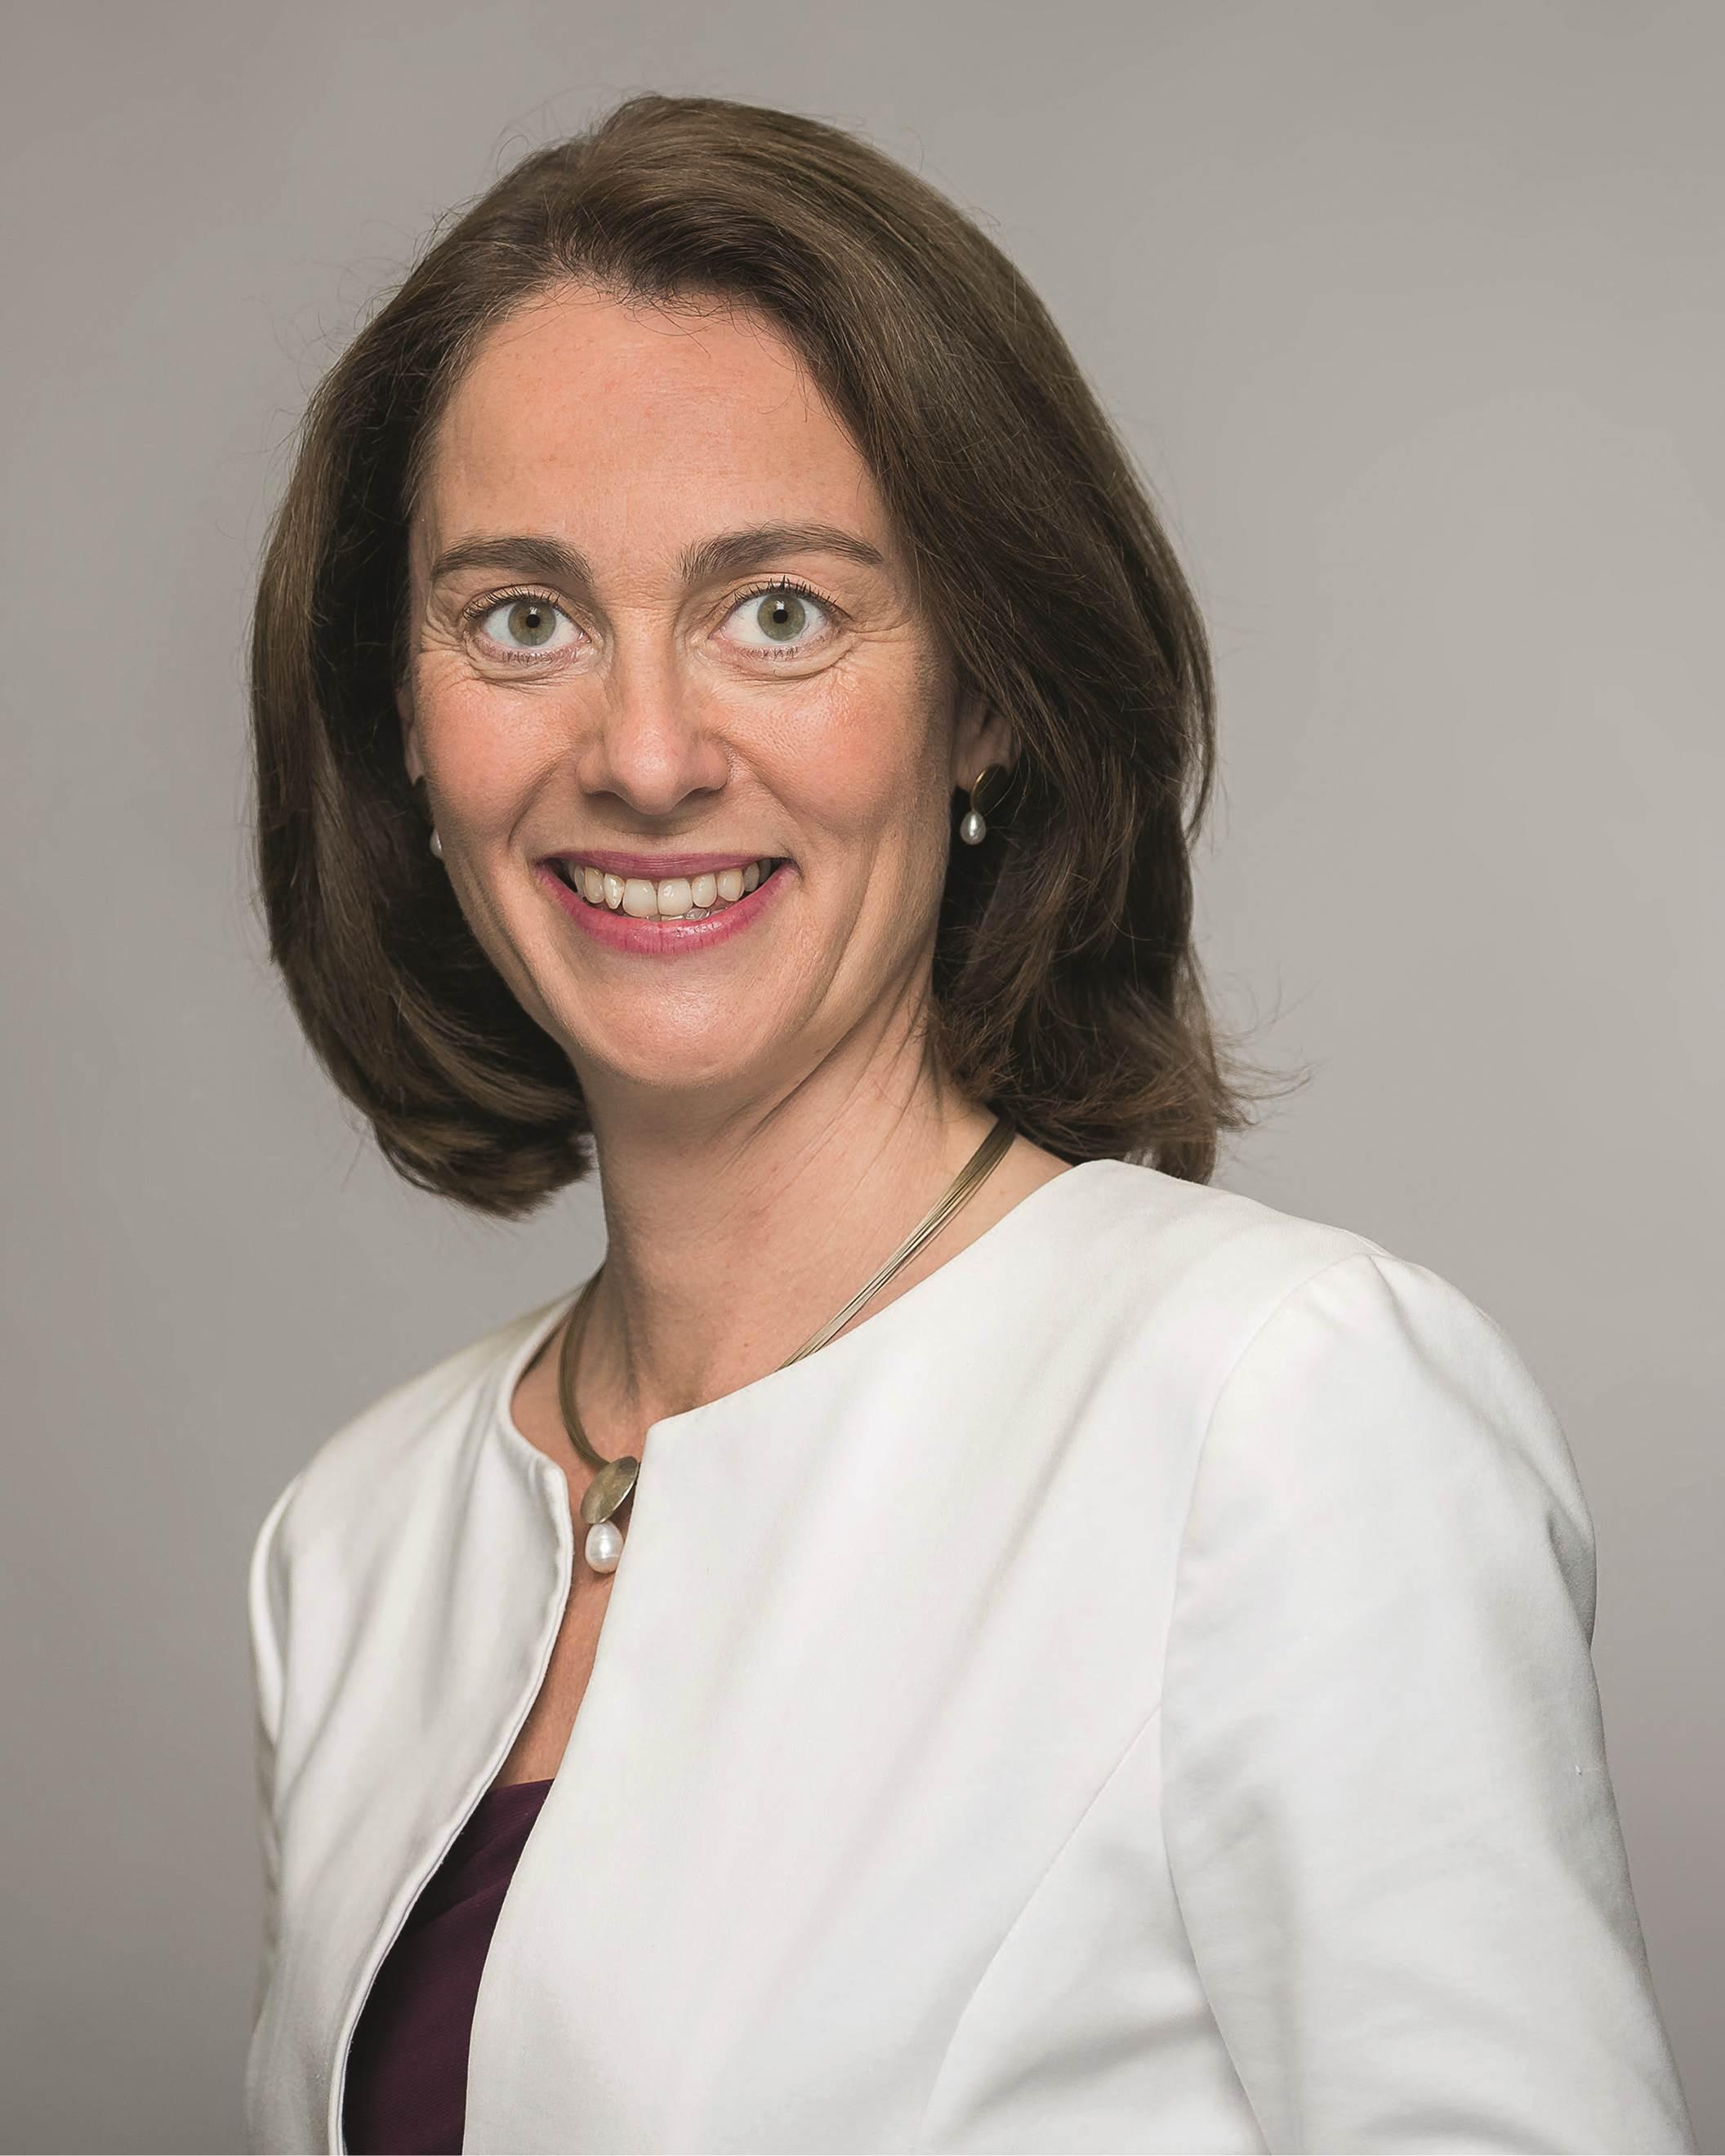 Porträtfoto von Bundesfamilienministerin Katarina Barley.